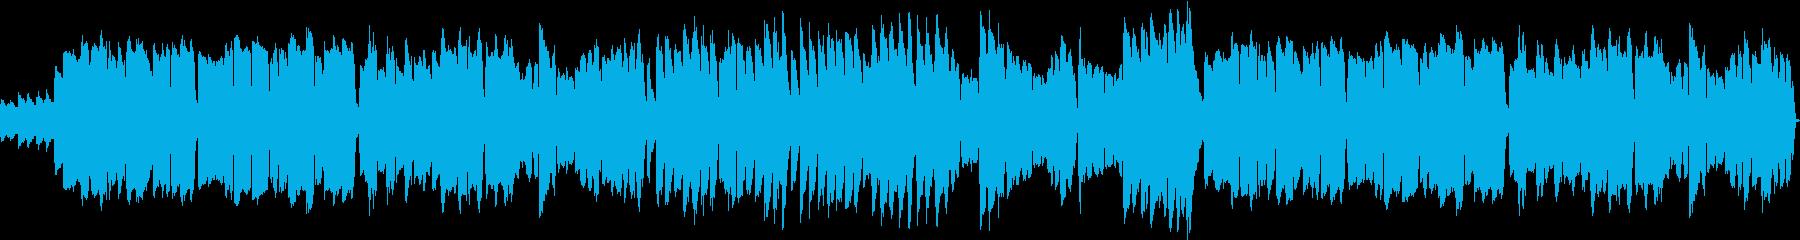 平和な日常を表した様な可愛らしい旋律の曲の再生済みの波形